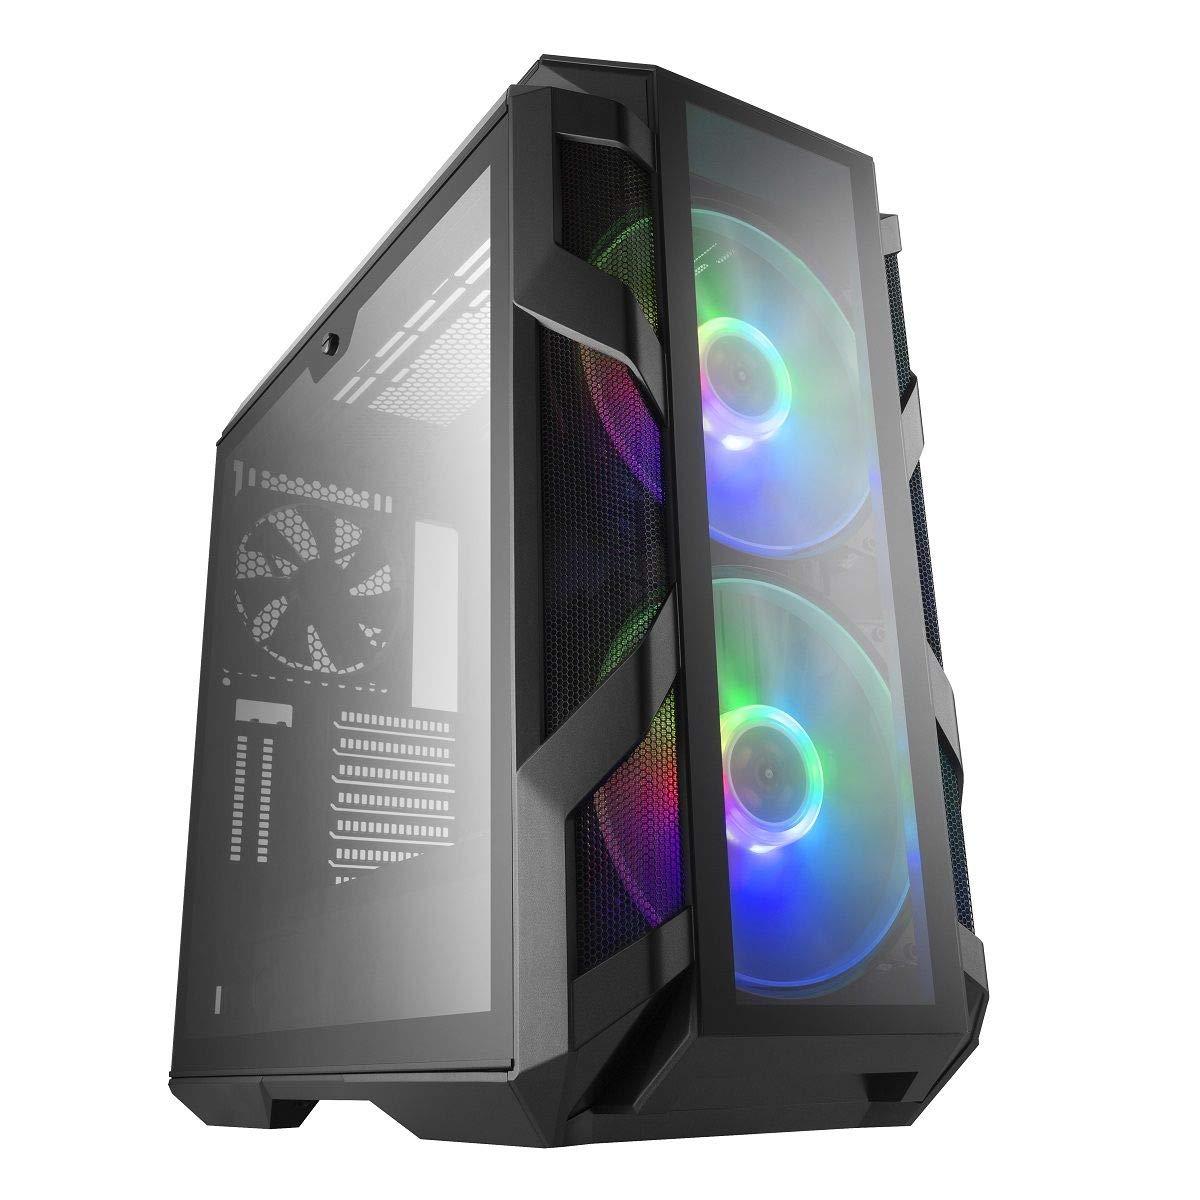 Cooler Master MasterCase H500M ARGB - Caja PC con Dos Ventiladores 200mm para Potente Flujo de Aire, 4 Paneles Cristal Templado, Soporte Avanzado, ATX: Amazon.es: Informática